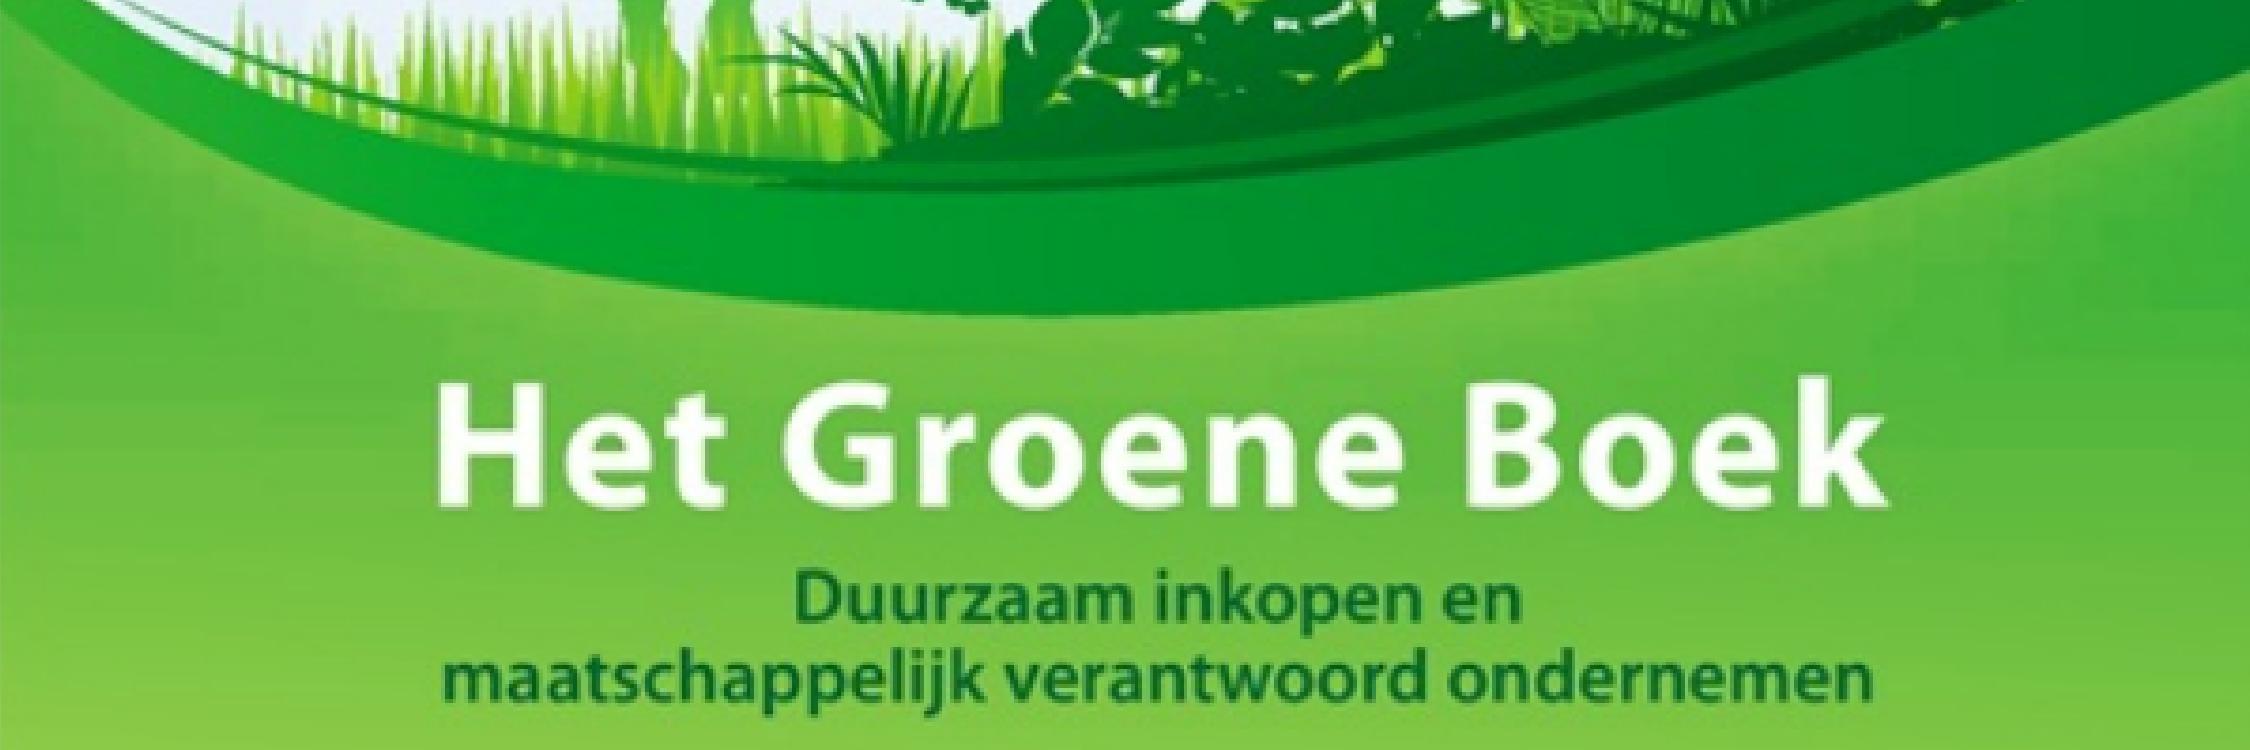 Voorpagina - banner 2 groen